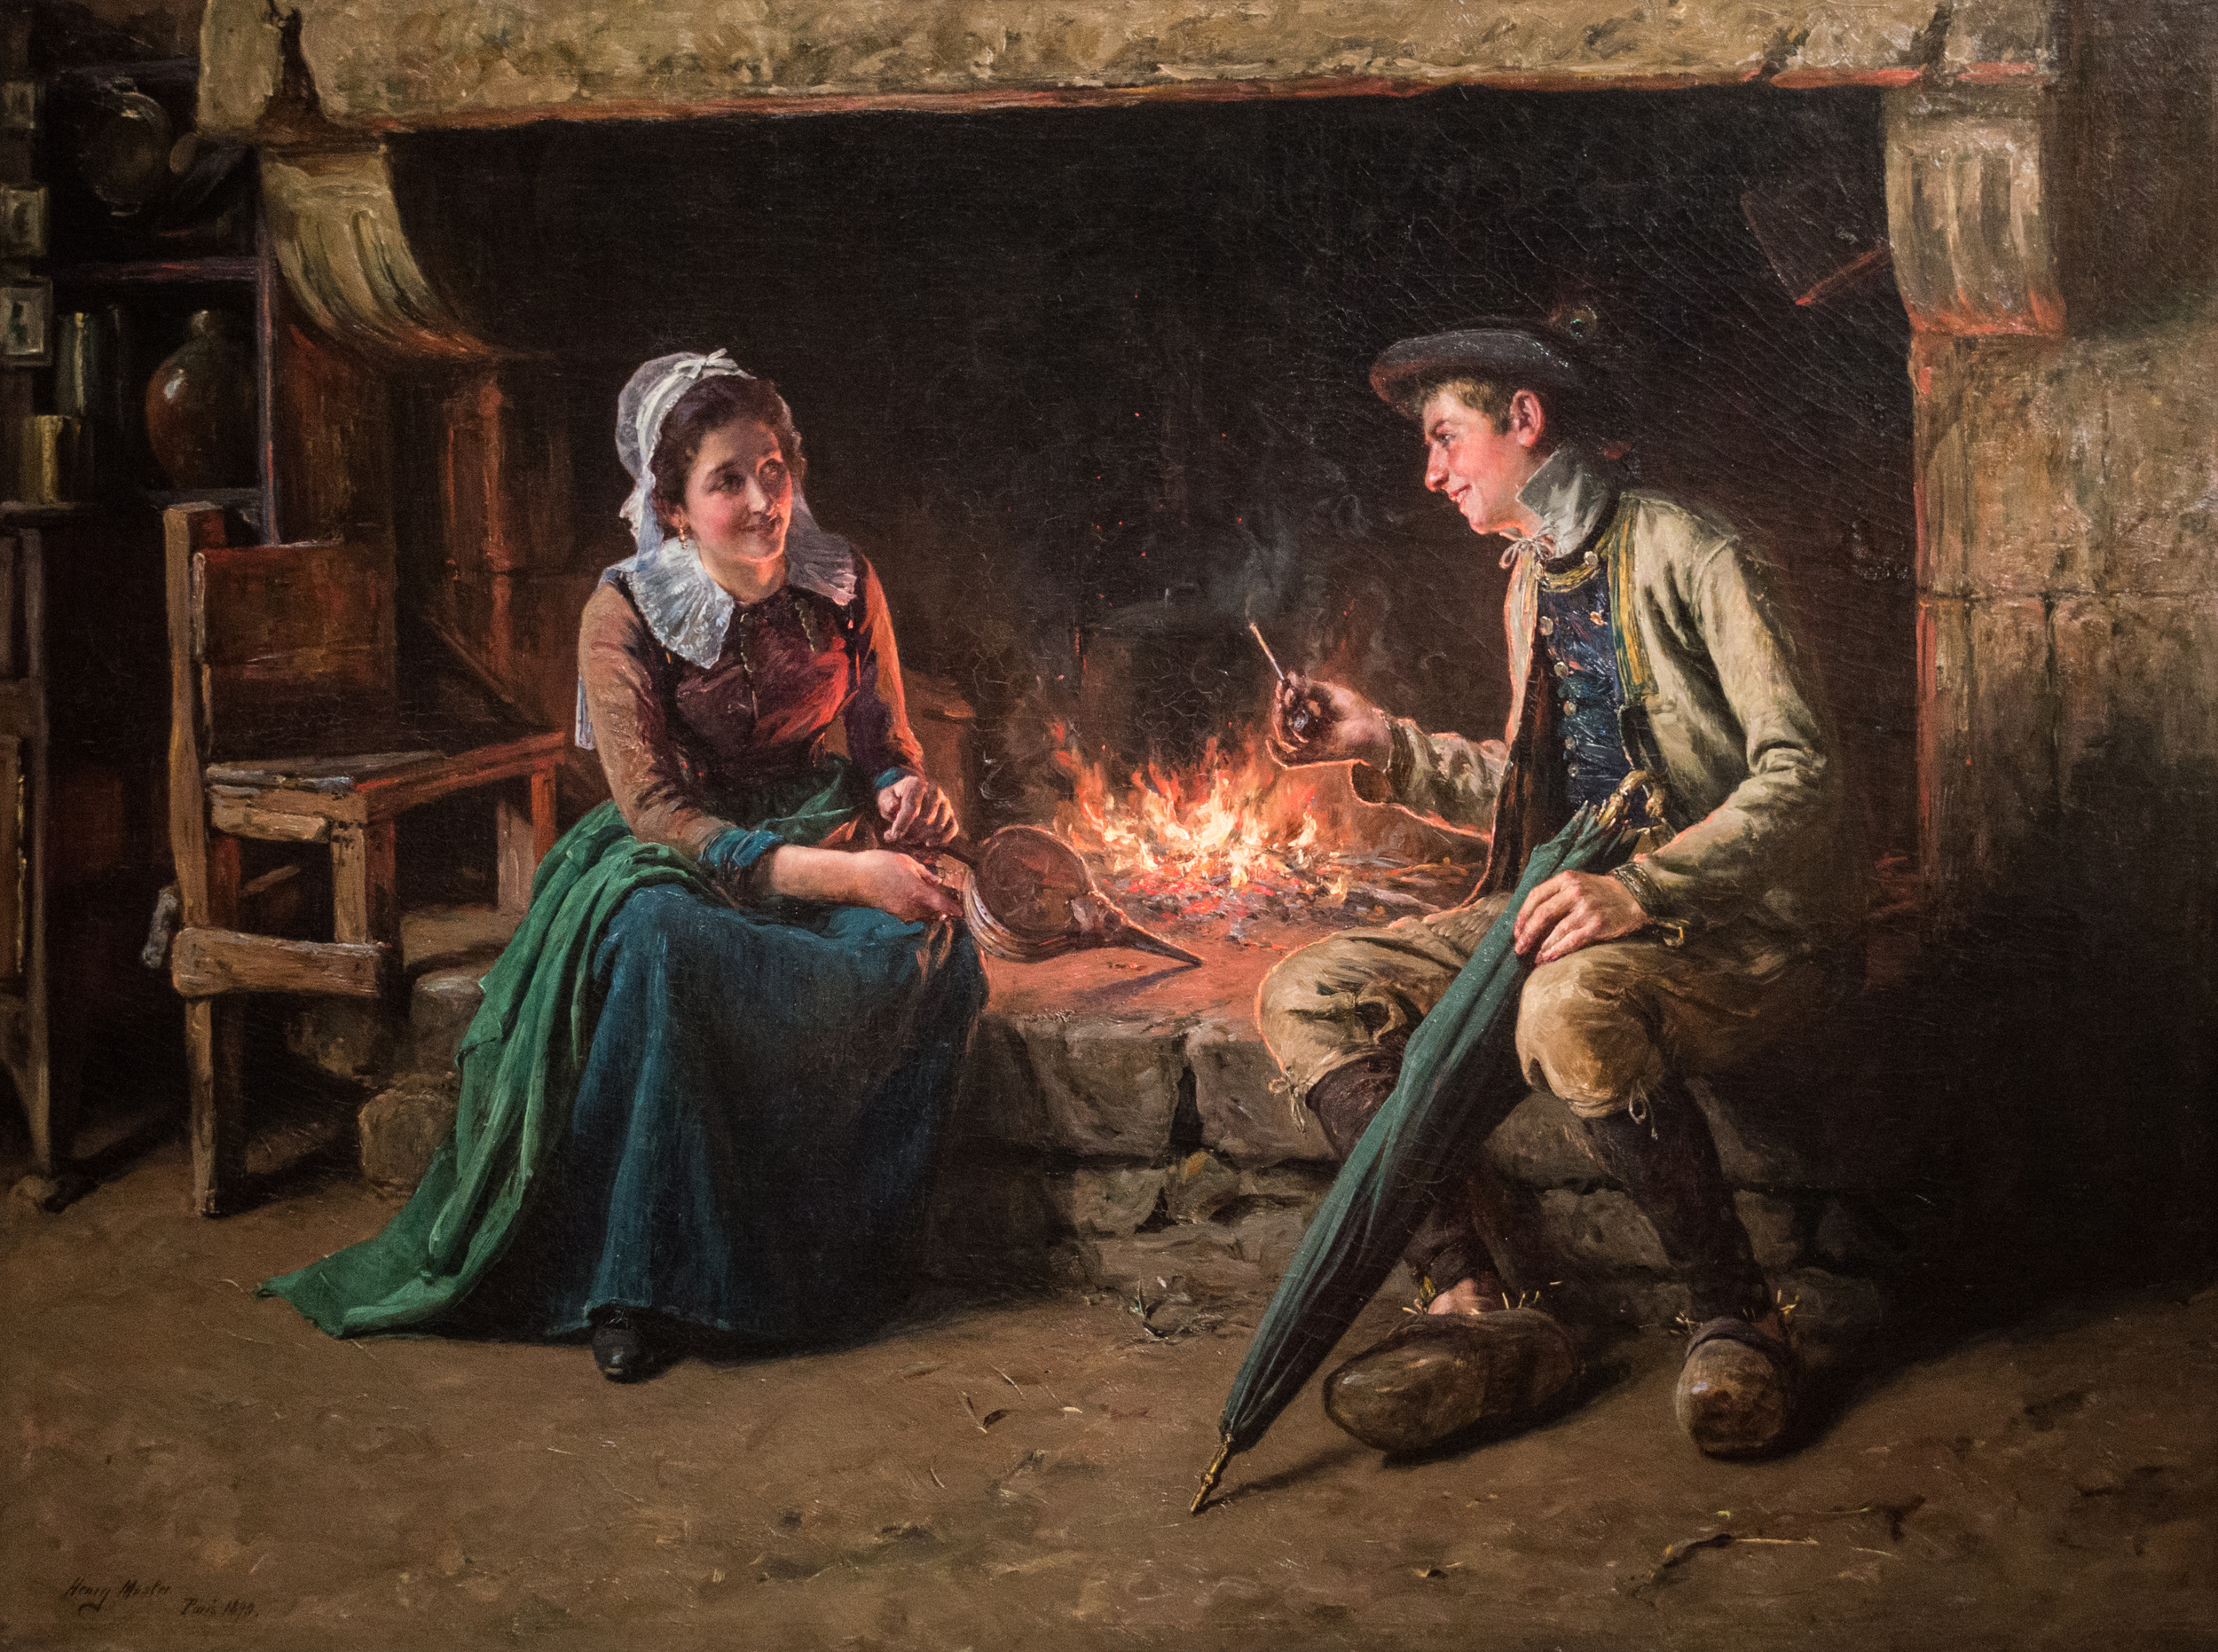 Henry Mosler (American, b.1841, d.1920),The Chimney Corner, 1893,oil on canvas, Cincinnati Art Museum,Gift of Mrs. Samuel B. Sachs,1928.136